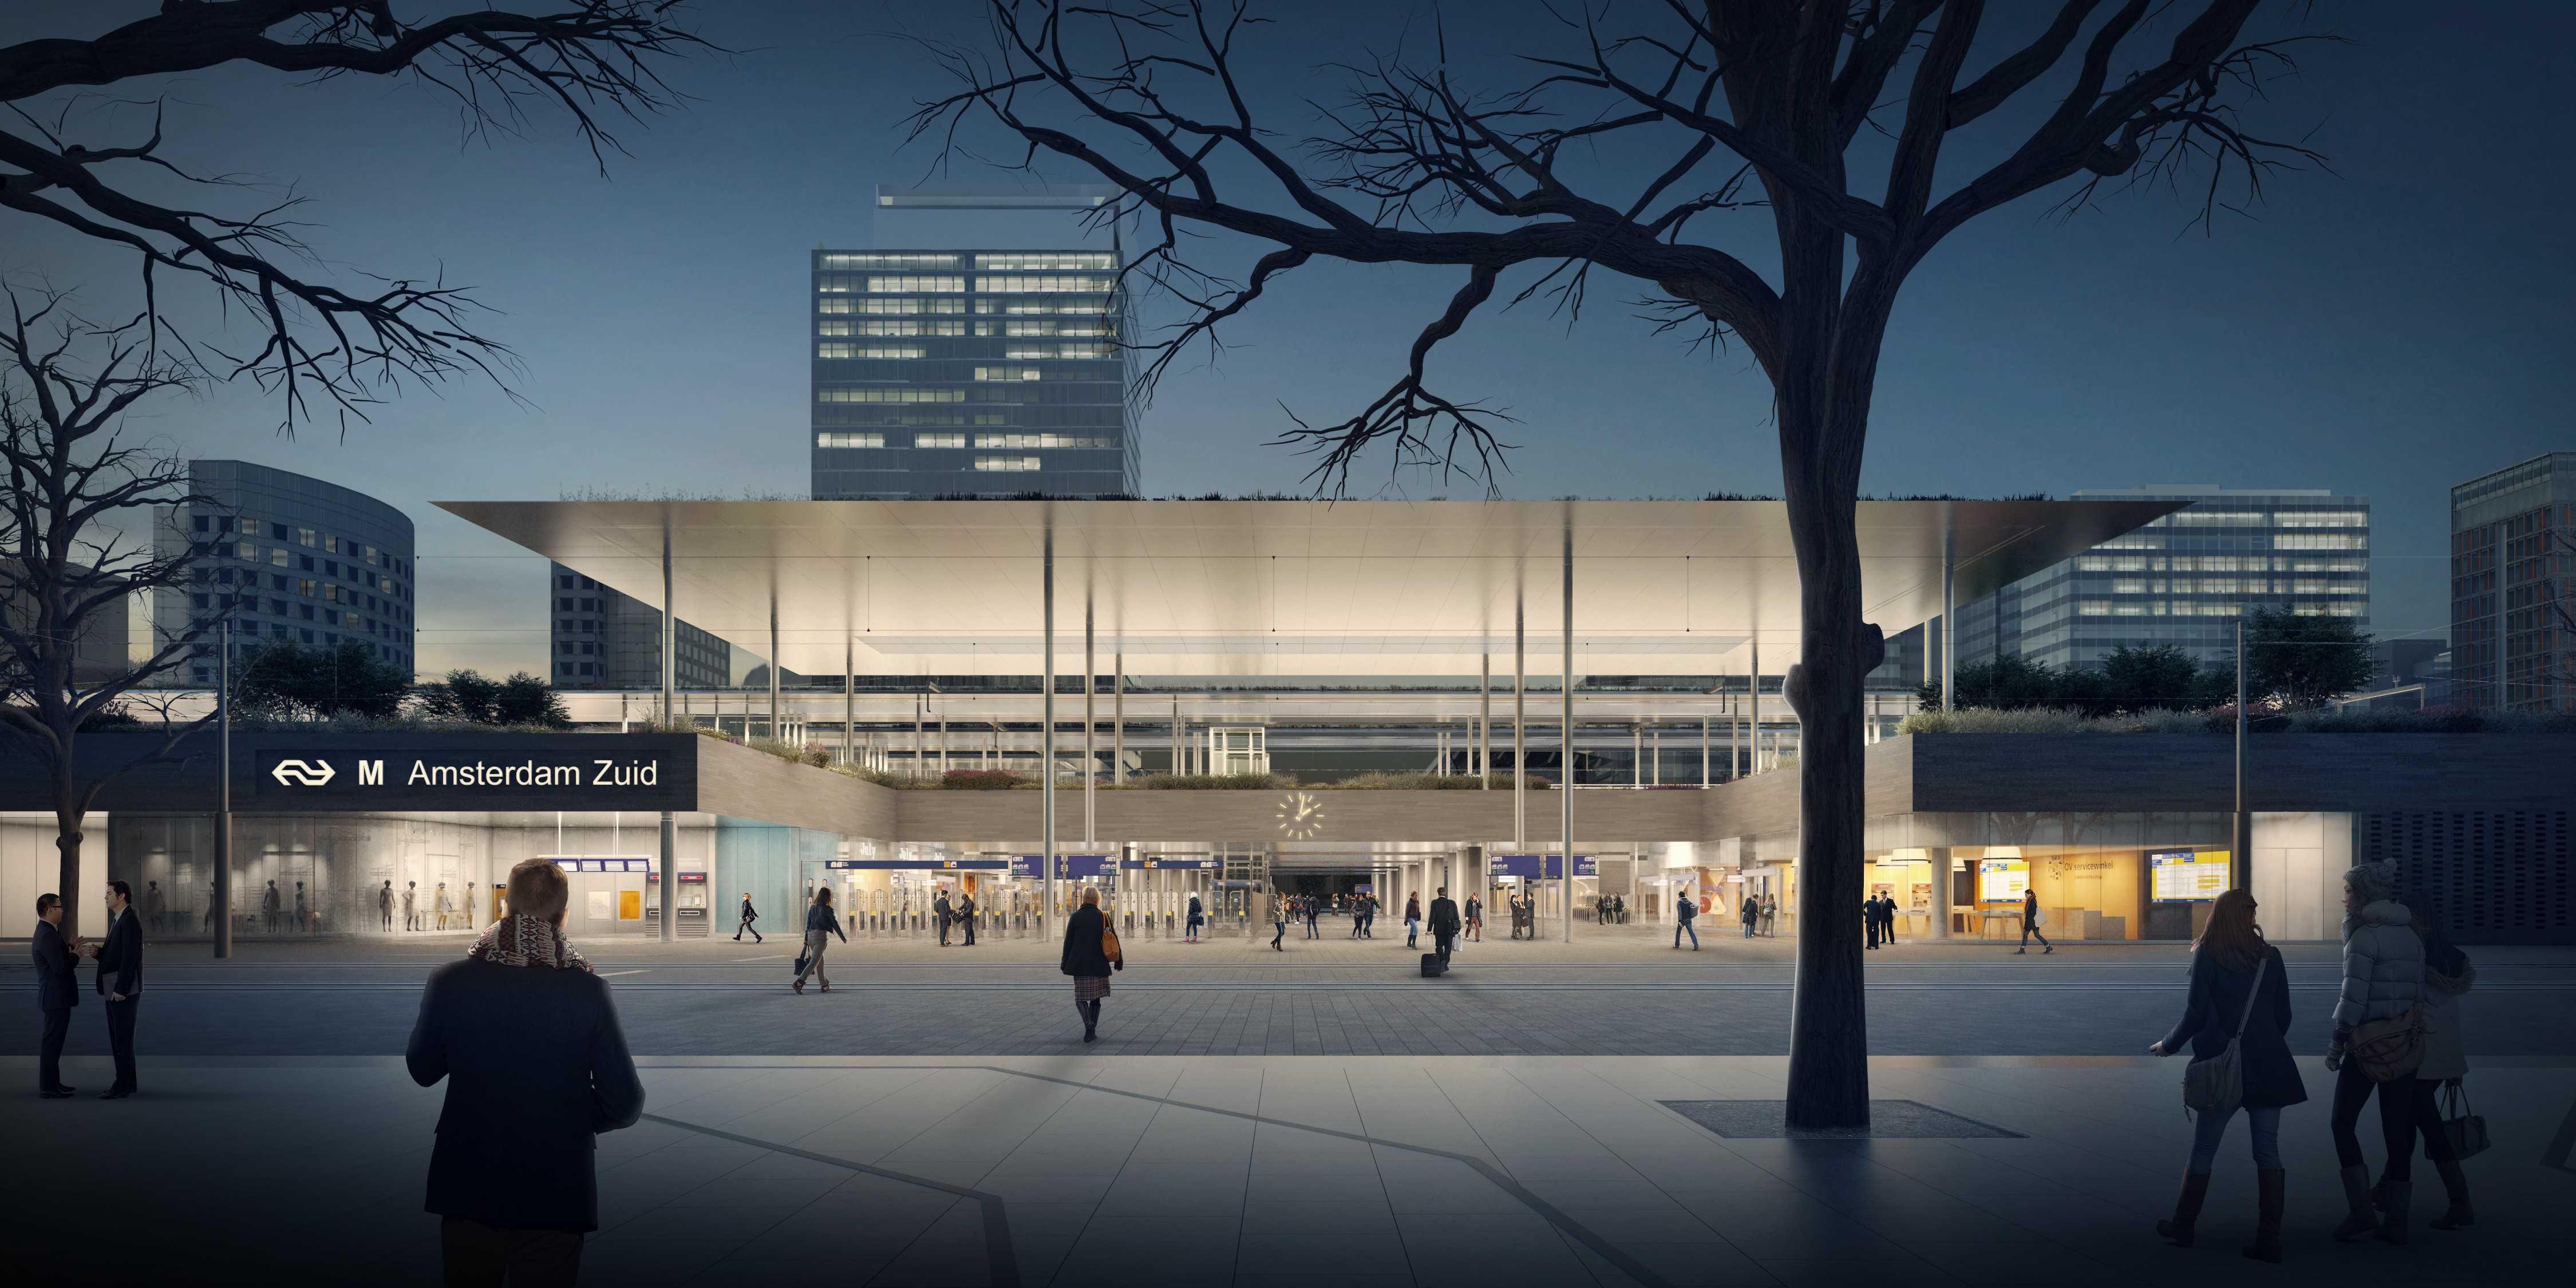 <p>Zuidasdok, ontworpen door ZuidPlus Architects – een samenwerking tussen Team V Architectuur, ZJA Zwarts & Jansma Architecten, Bosch Slabbers. Opdrachtgever: ZuidPlus – een consortium gevormd door Fluor, HOCHTIEF en Heijmans</p>